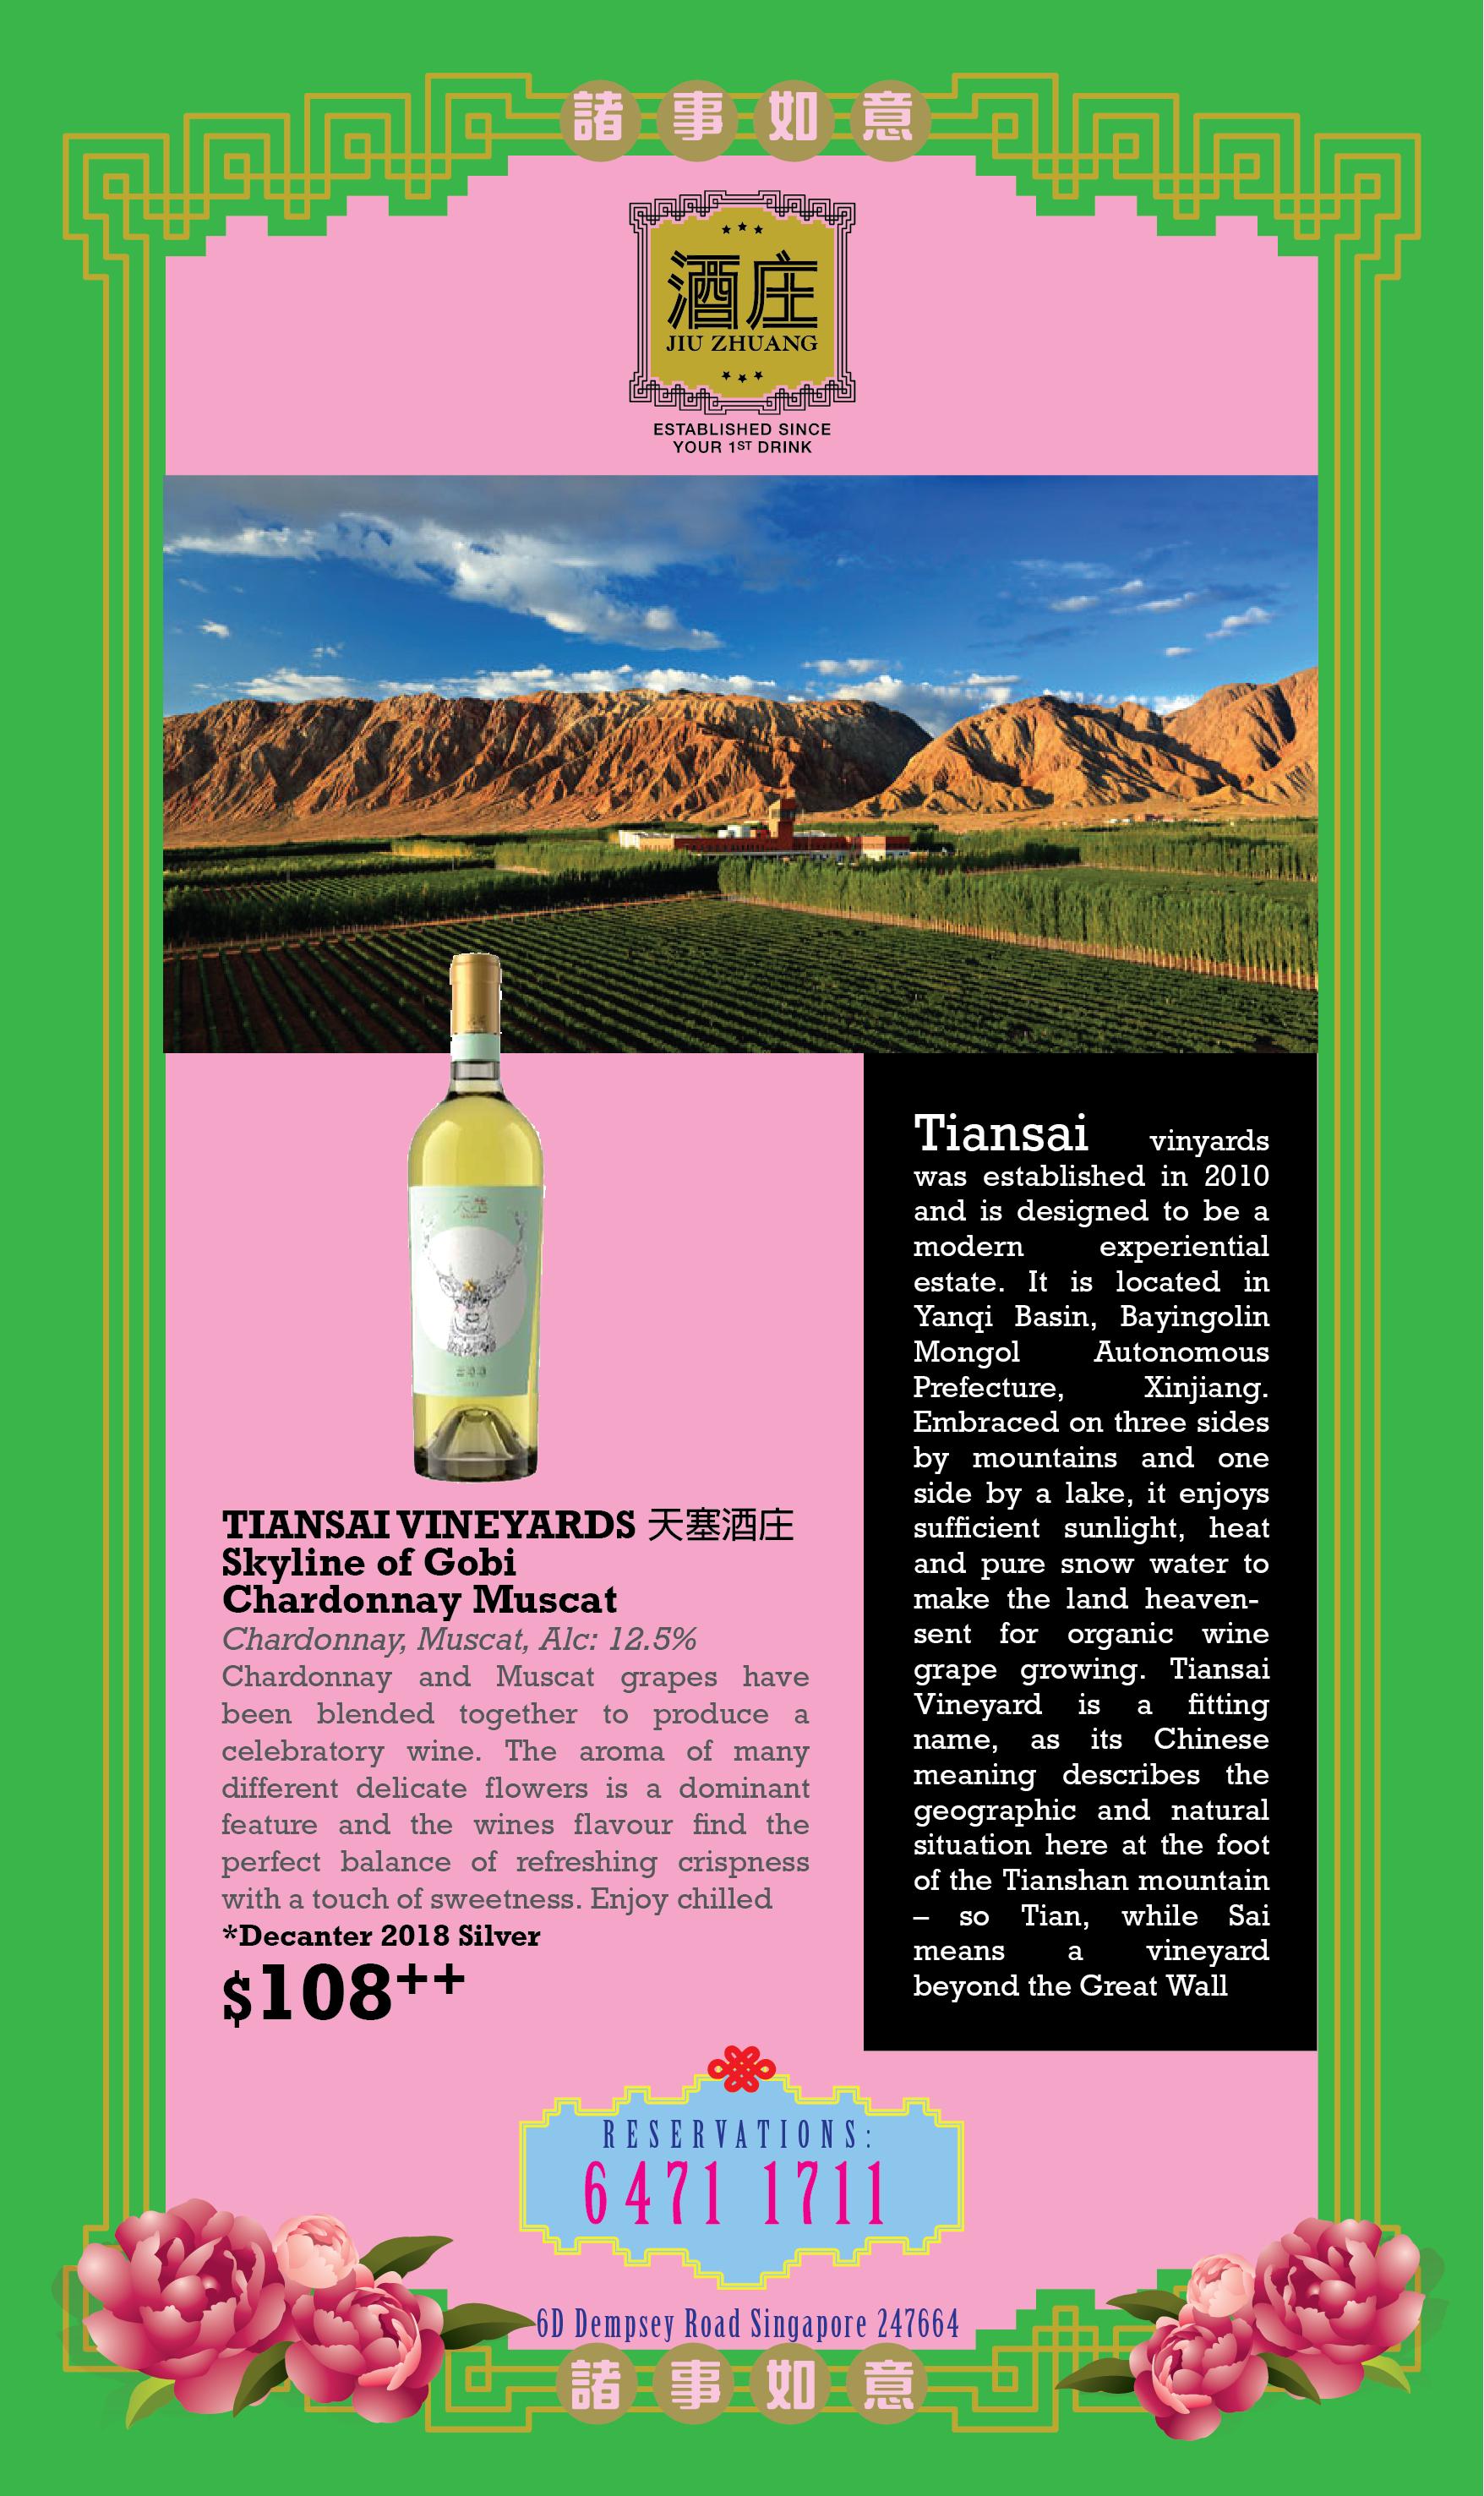 CNY_2019_Tiansai_vinyards